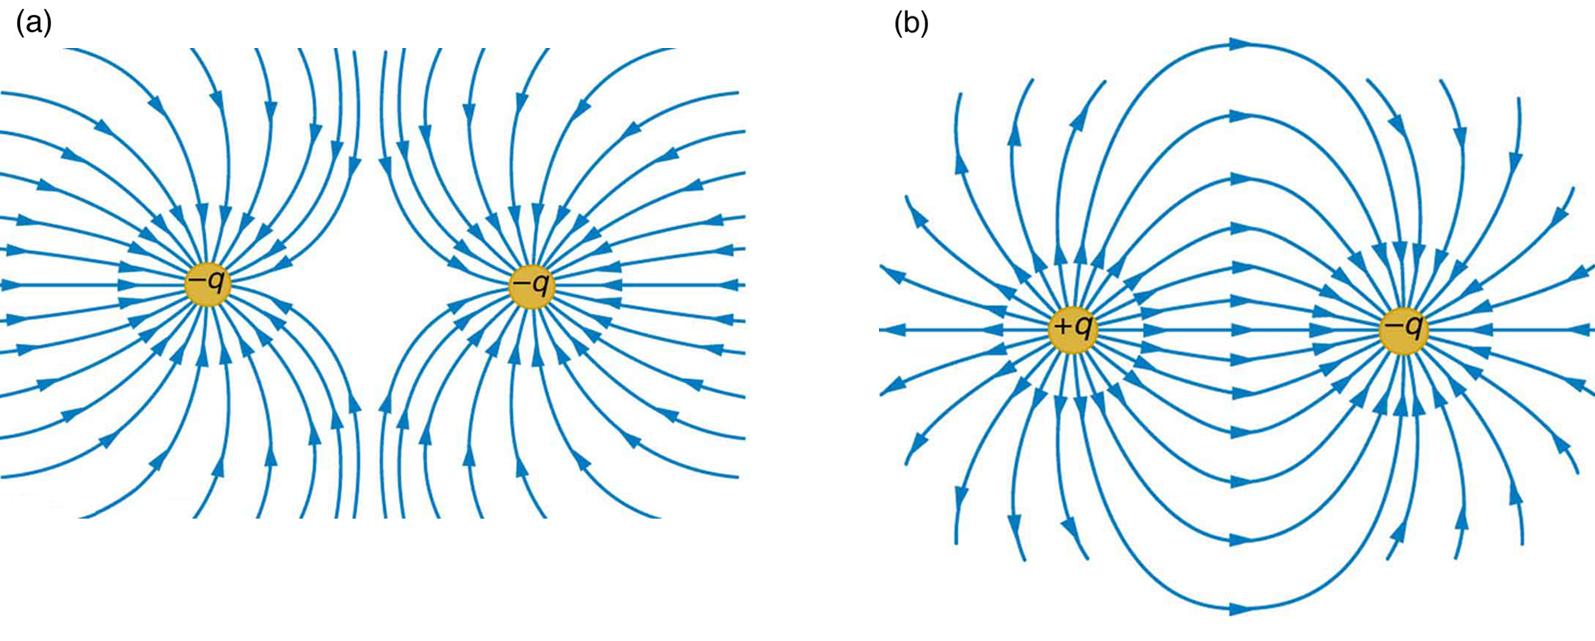 На этих рисунках представлены электрические заряды и силовых линии электрических полей.